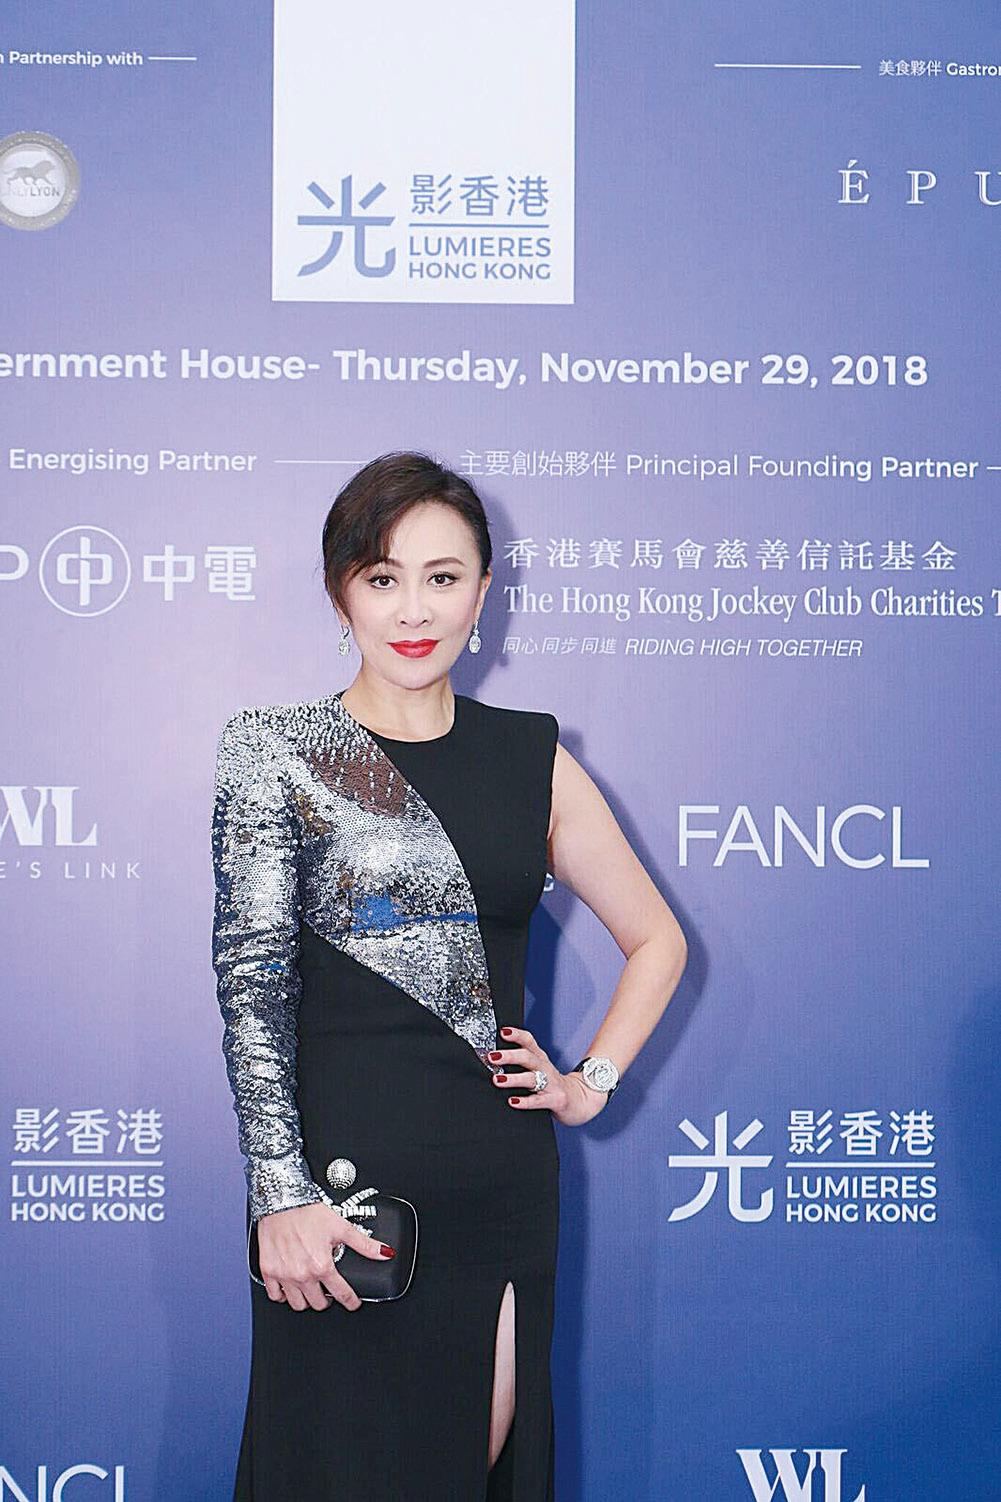 劉嘉玲再次擔任第二屆光影香港的光影大使。(Dynamic Network Alliances公司提供)